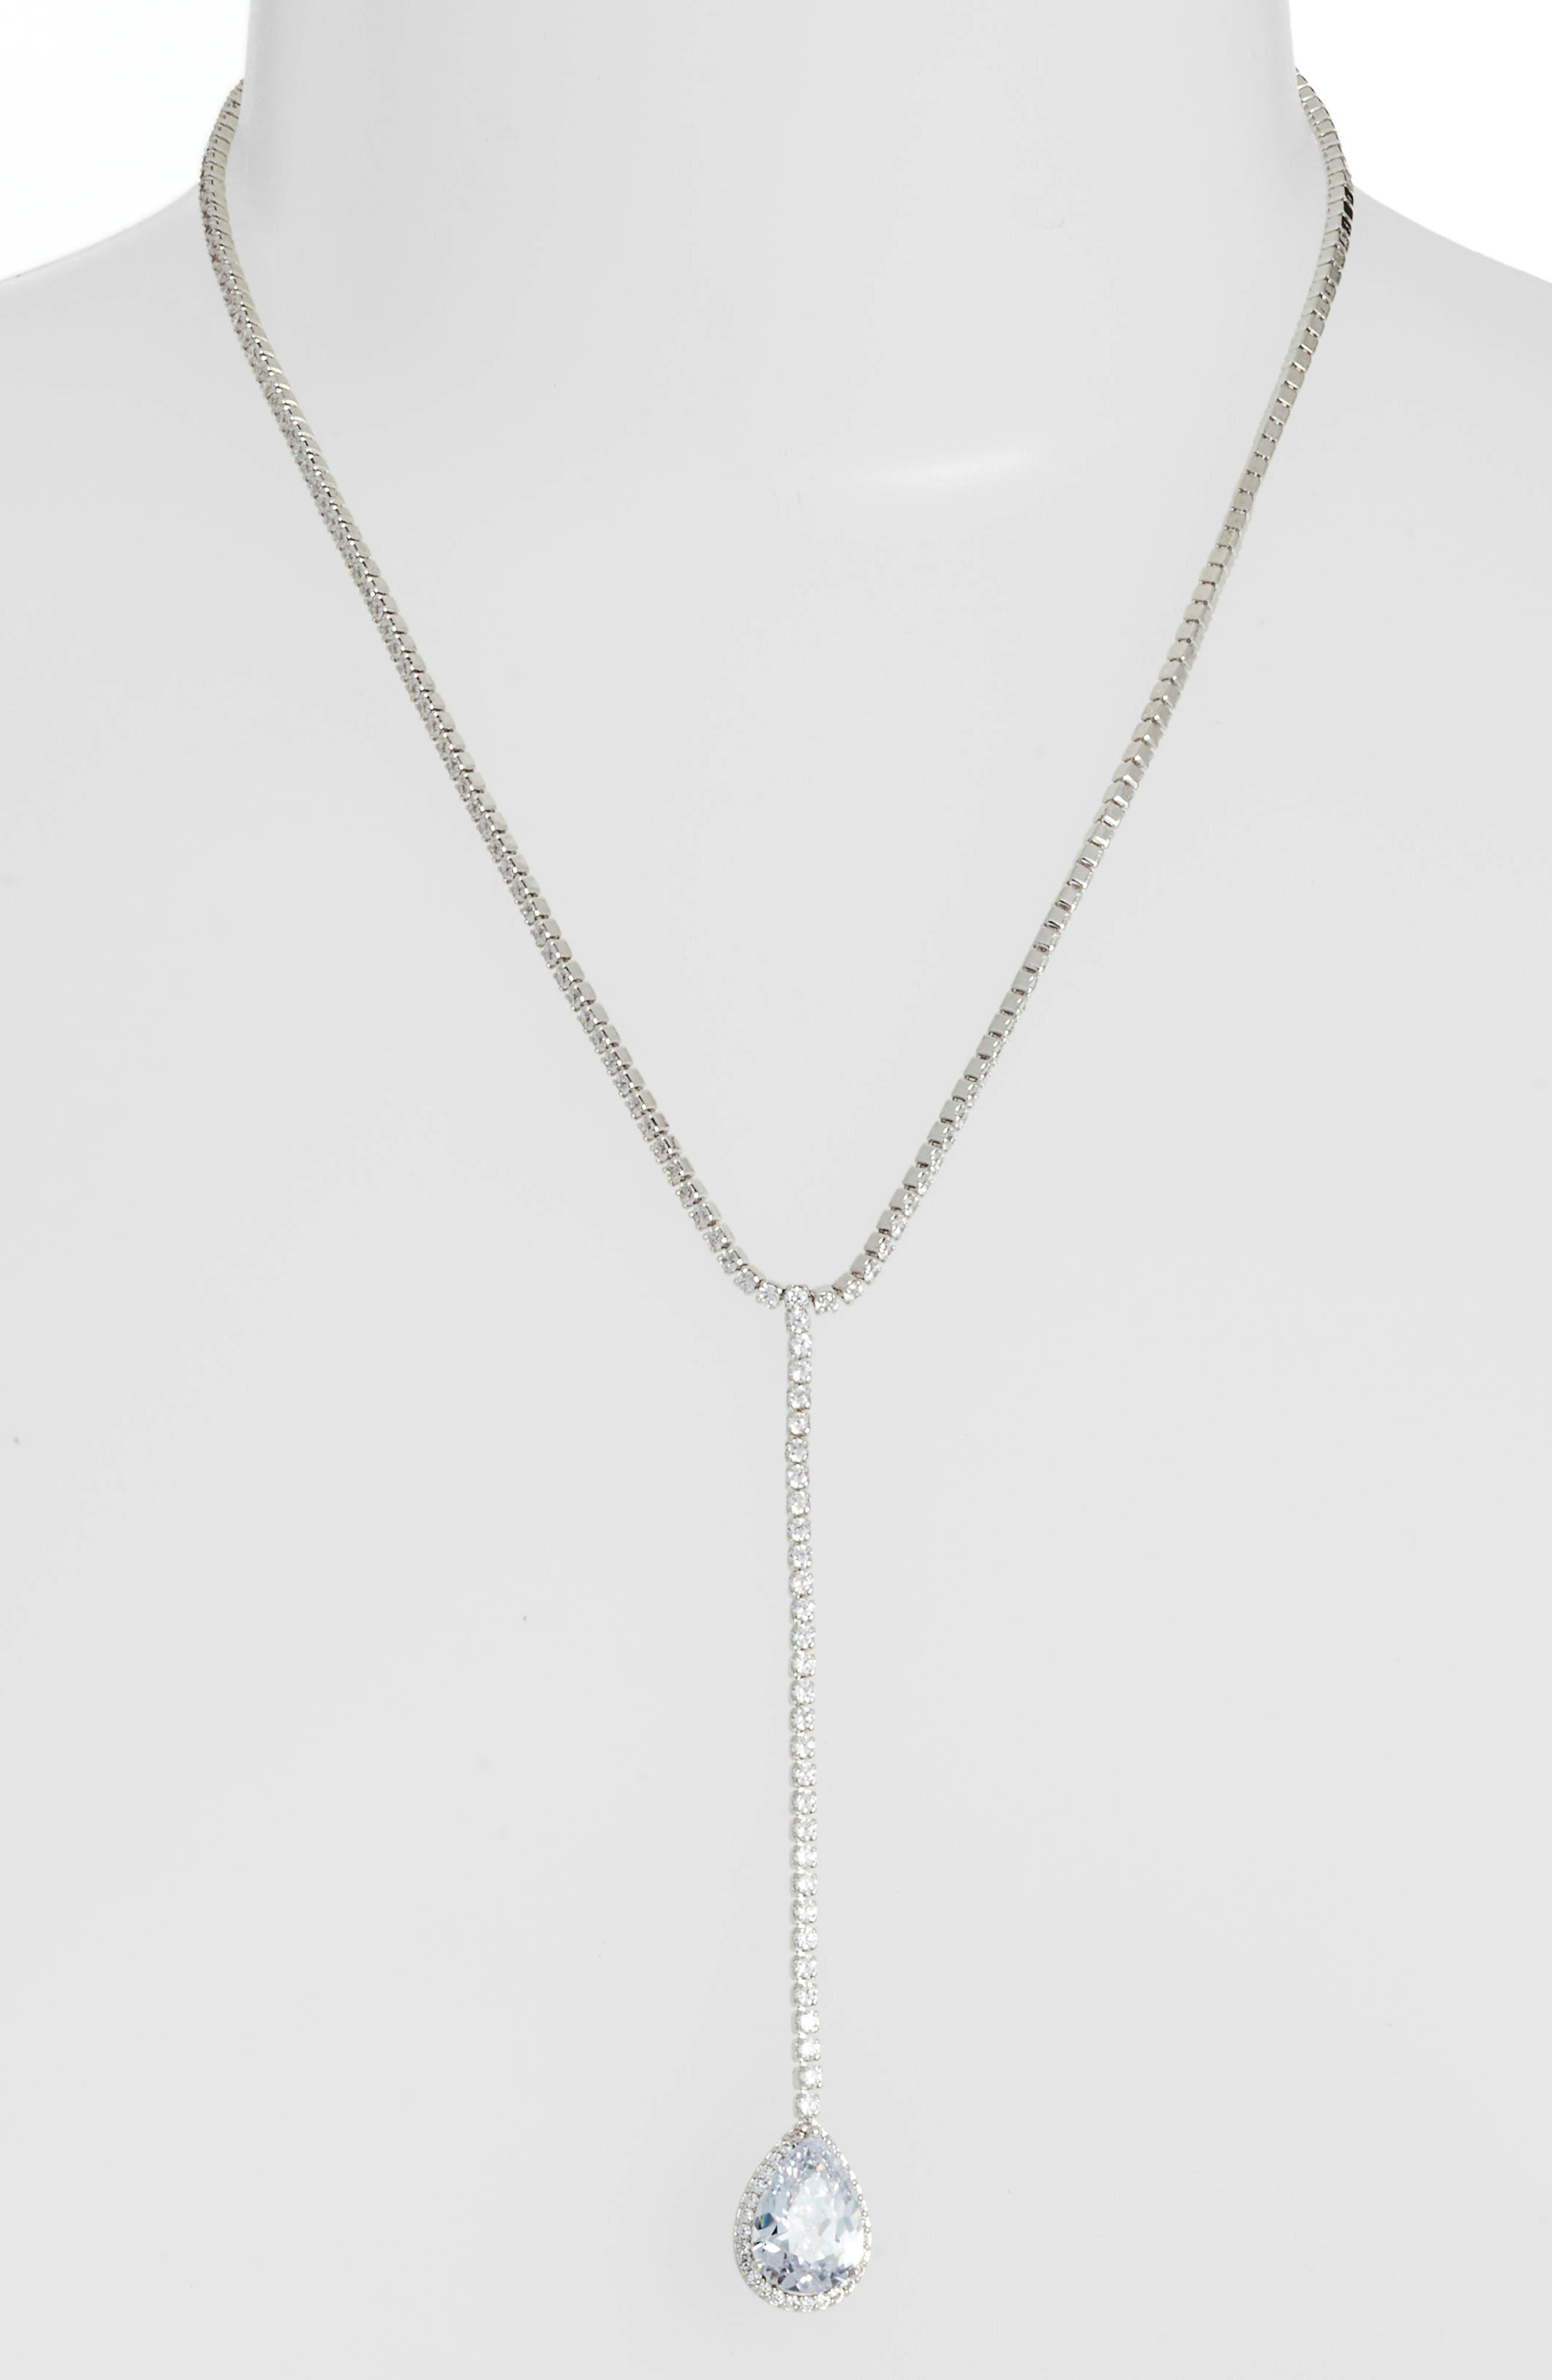 Teardrop Cubic Zirconia Y-Shape Necklace,                         Main,                         color, WHITE/ SILVER